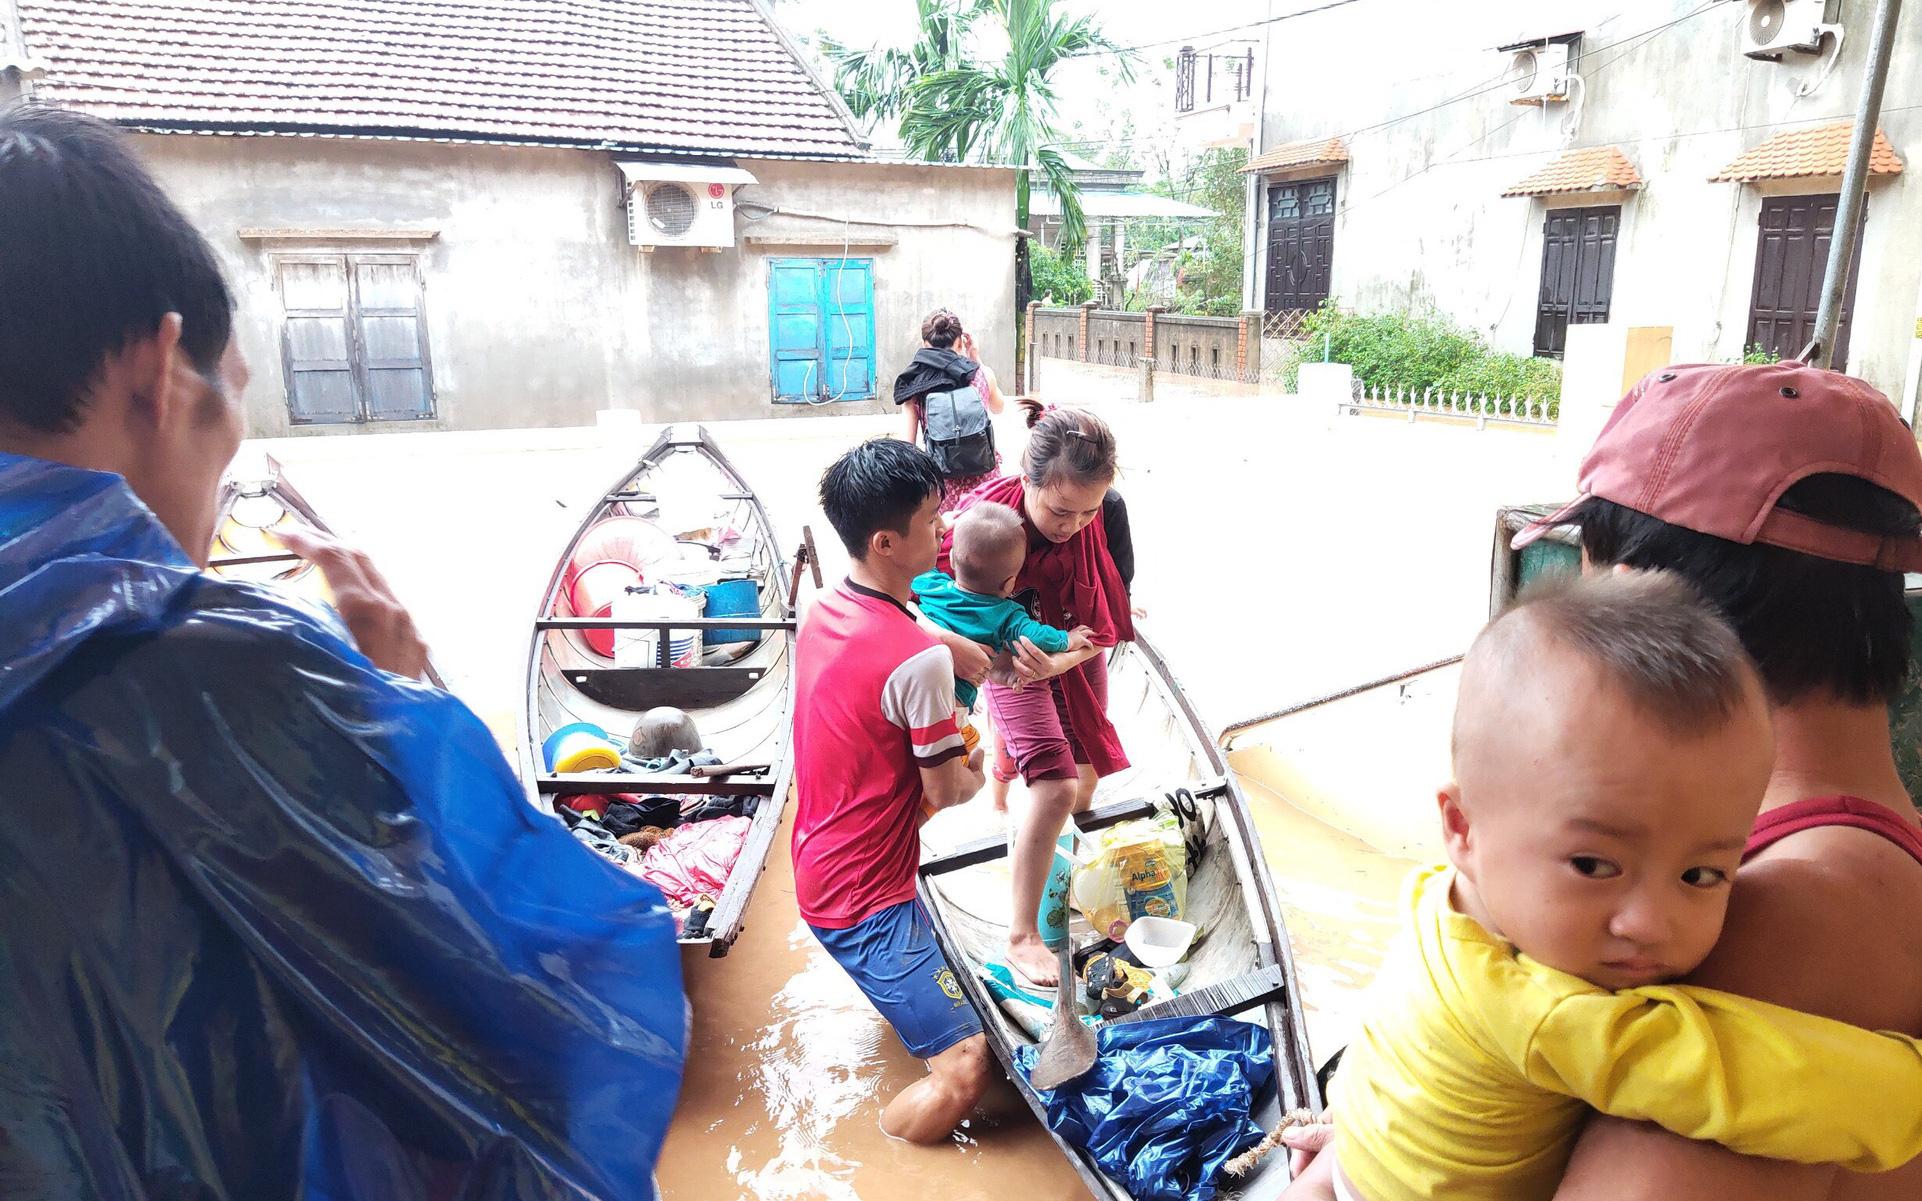 Vietnam floods put over 1.5mn children at risk of disease, delayed development: UNICEF